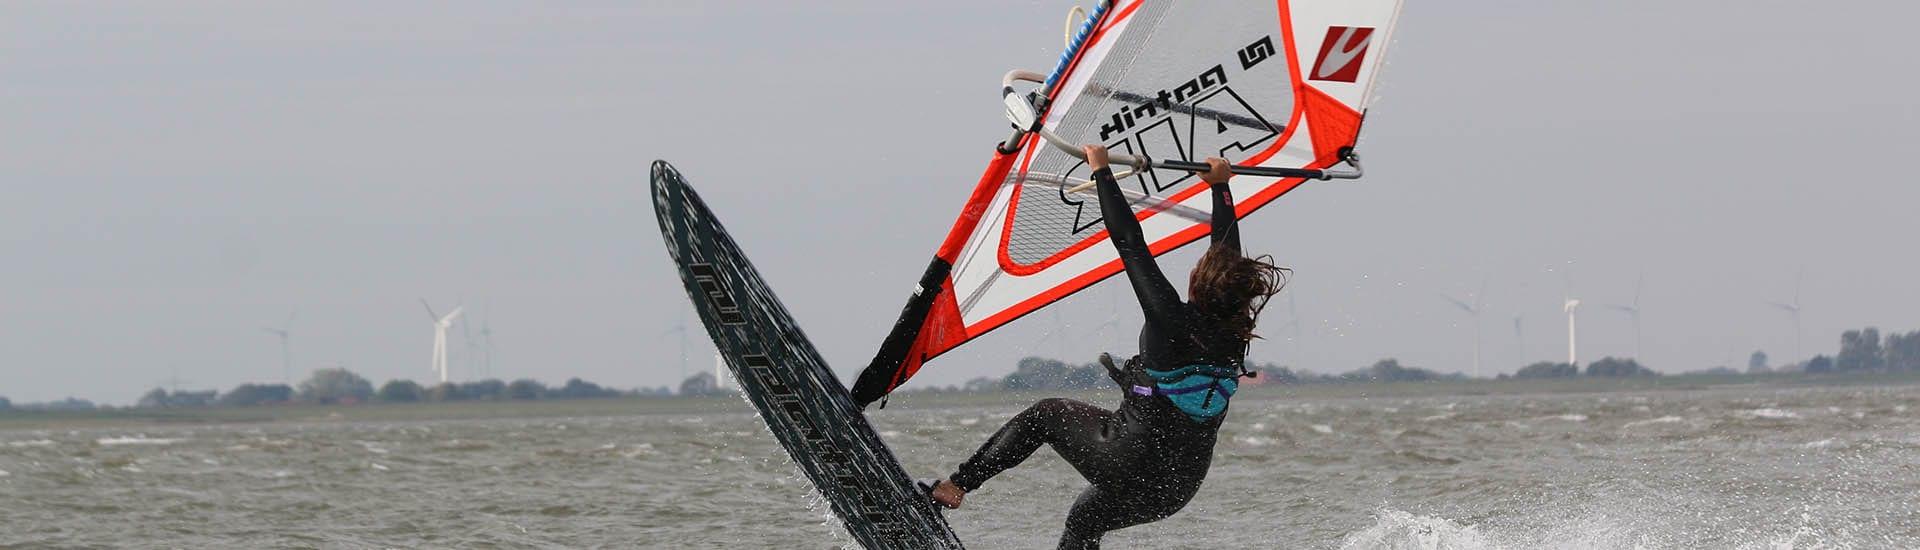 Starte jetzt deine Windsurf-Karriere